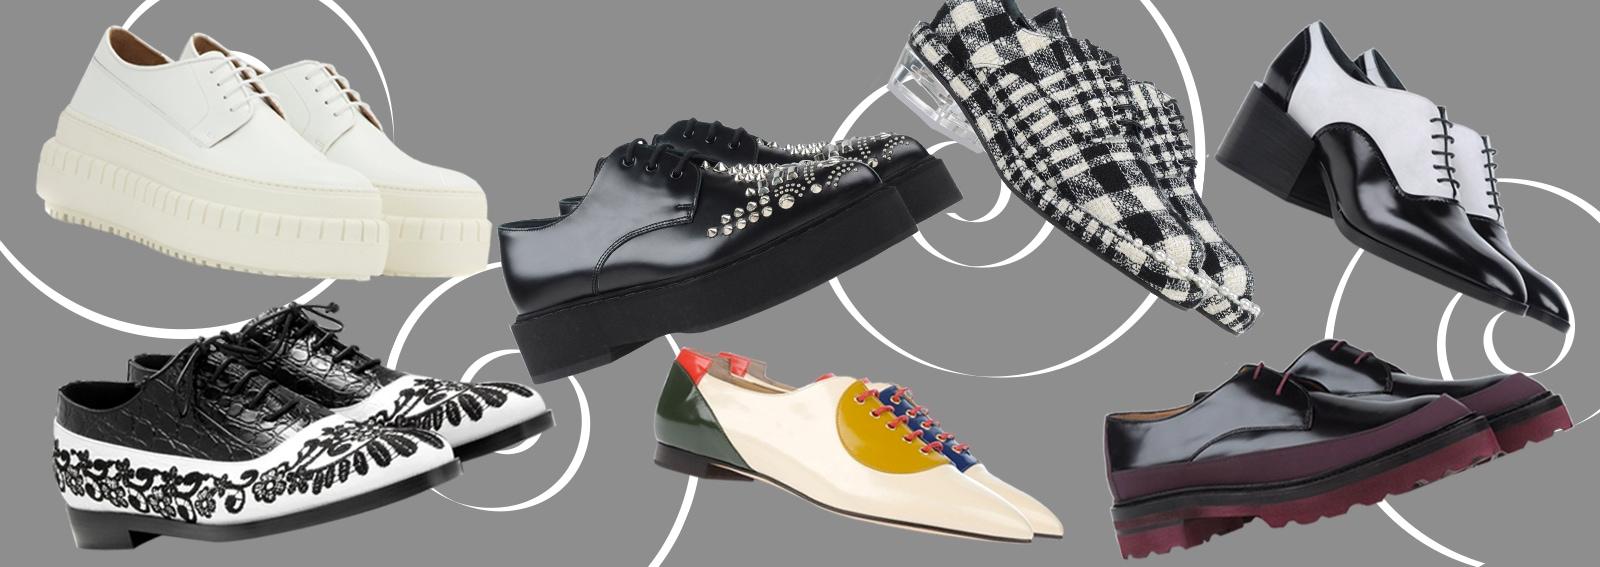 cover scarpe stringate autunno inverno 2015 desktop